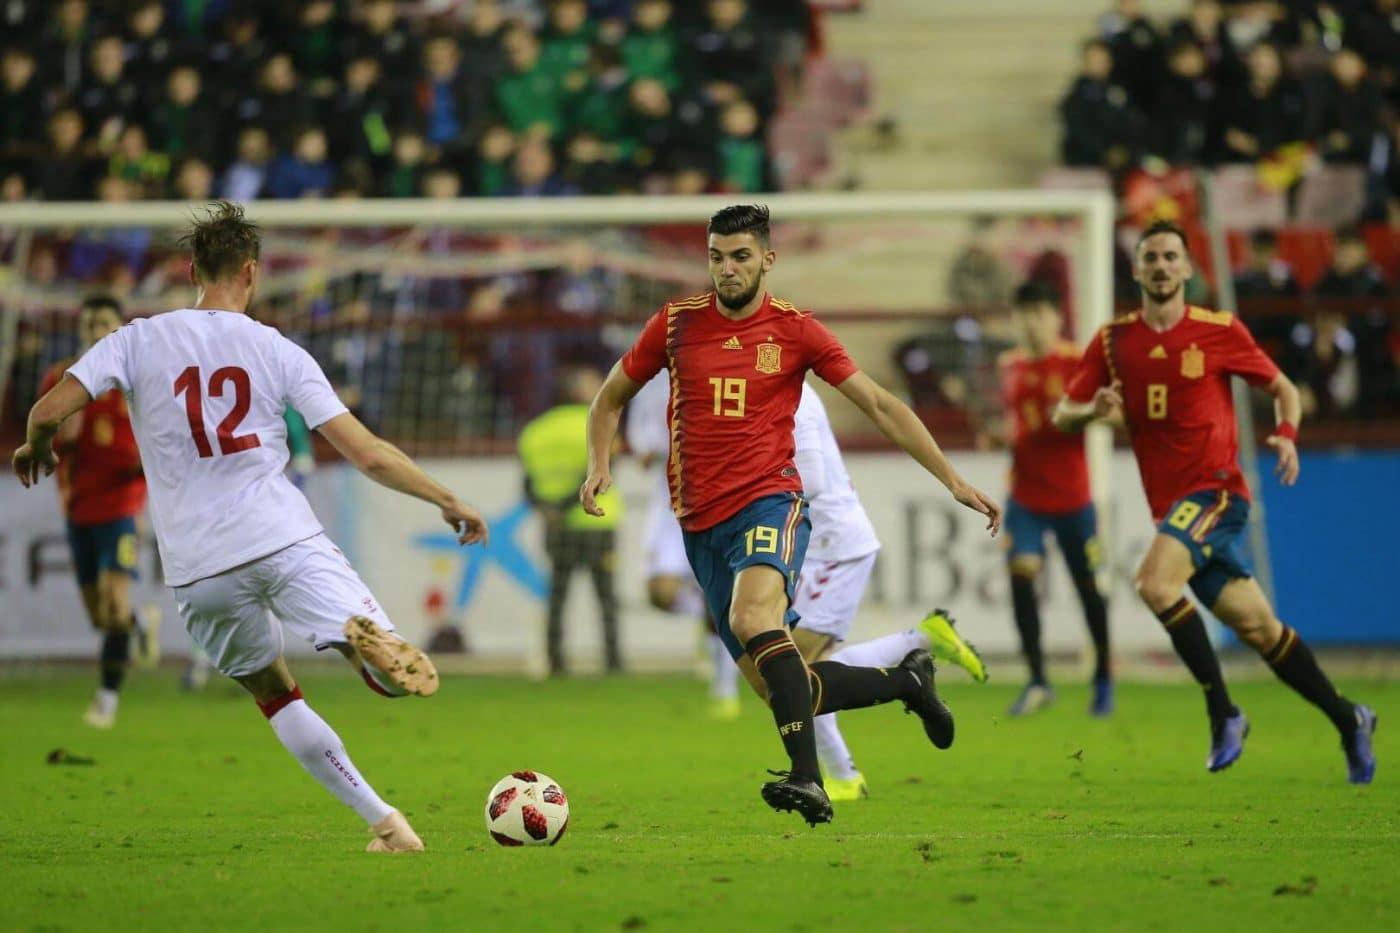 La Sub-21 de Luis de la Fuente remonta y golea en Las Gaunas 22